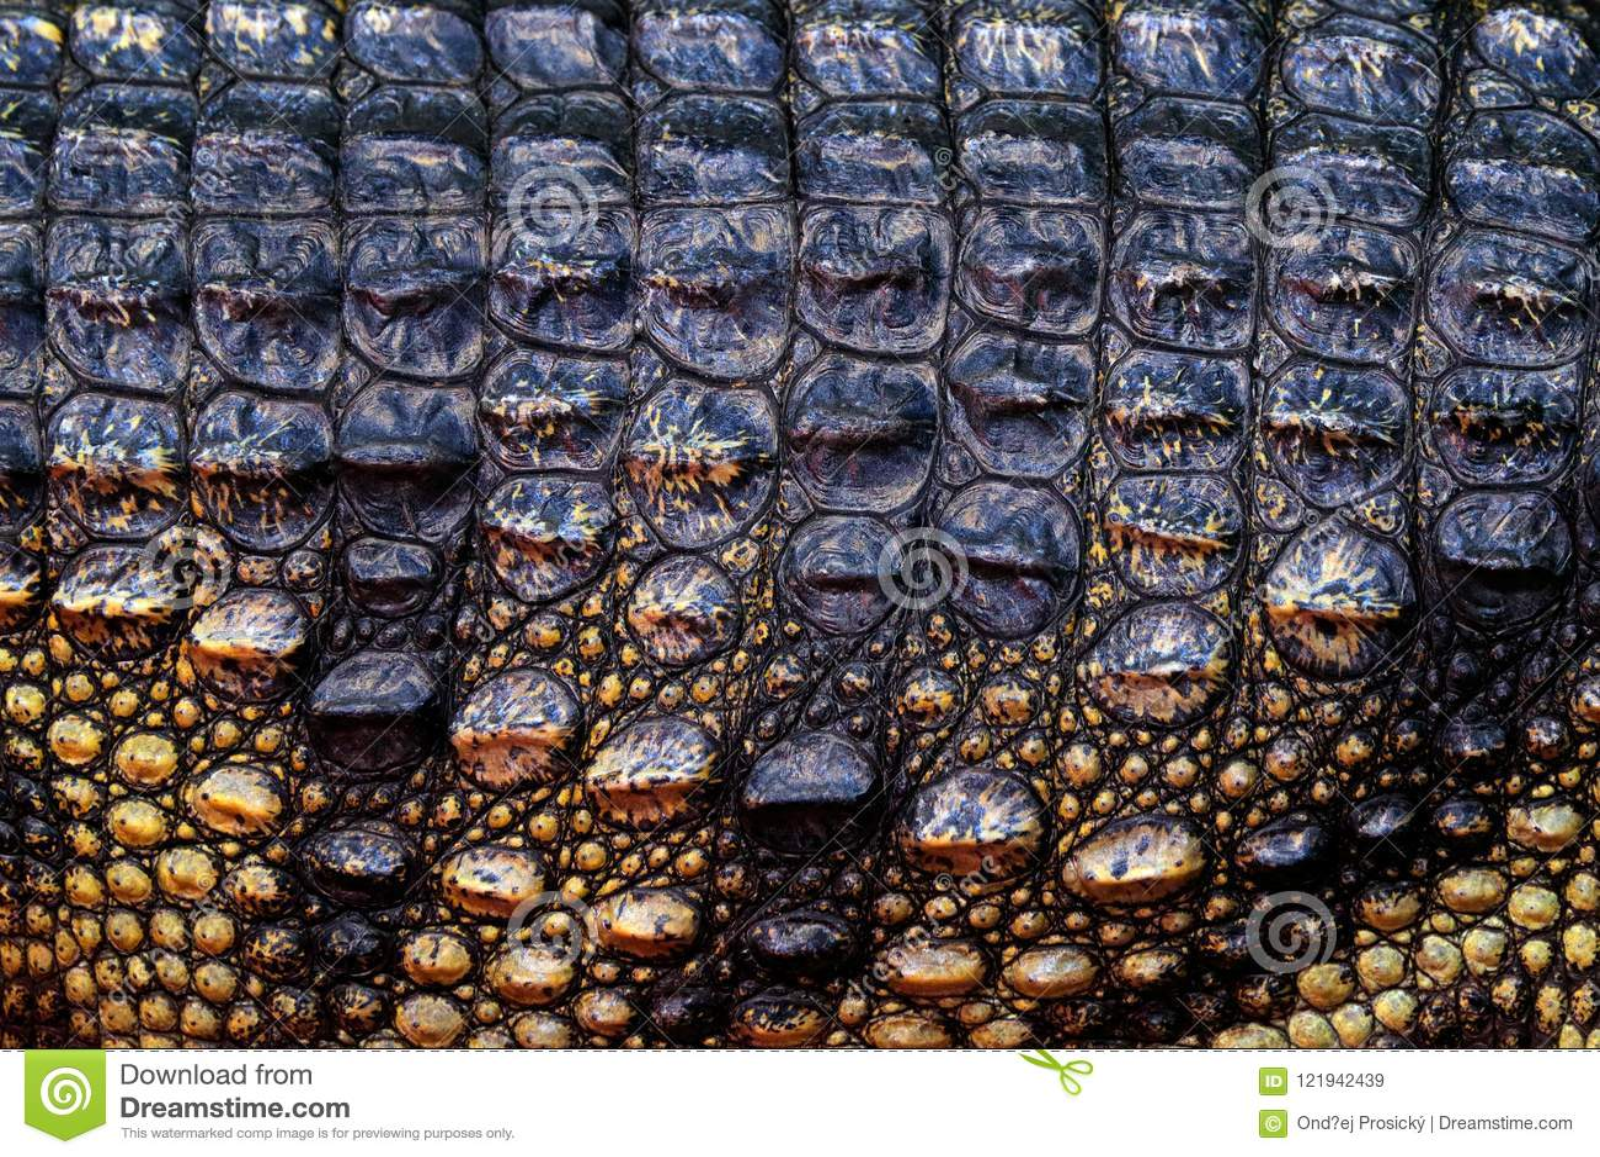 暹罗鳄鱼,湾鳄siamensis,淡水爬行动物当地人向印度尼西亚 特写镜头罕见的动物皮肤细节  艺术视图